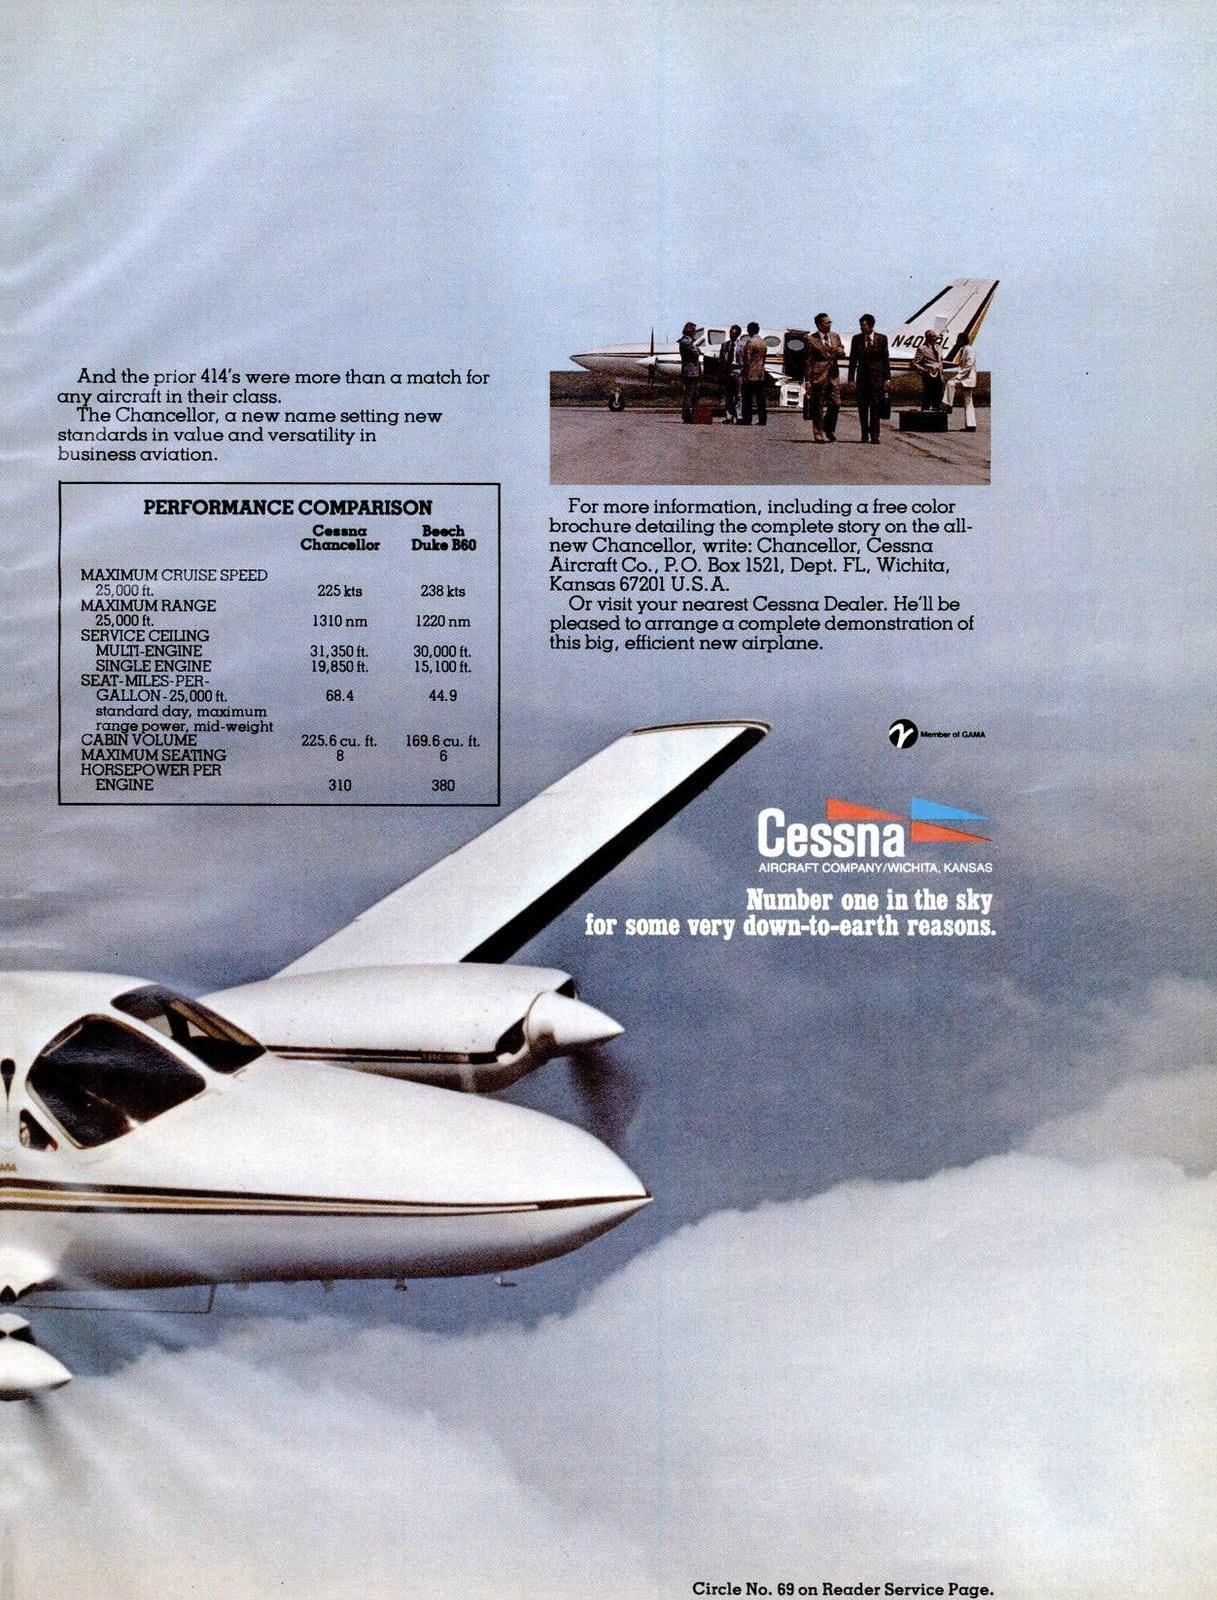 Vintage Cessna Chancellor aircraft (1977)